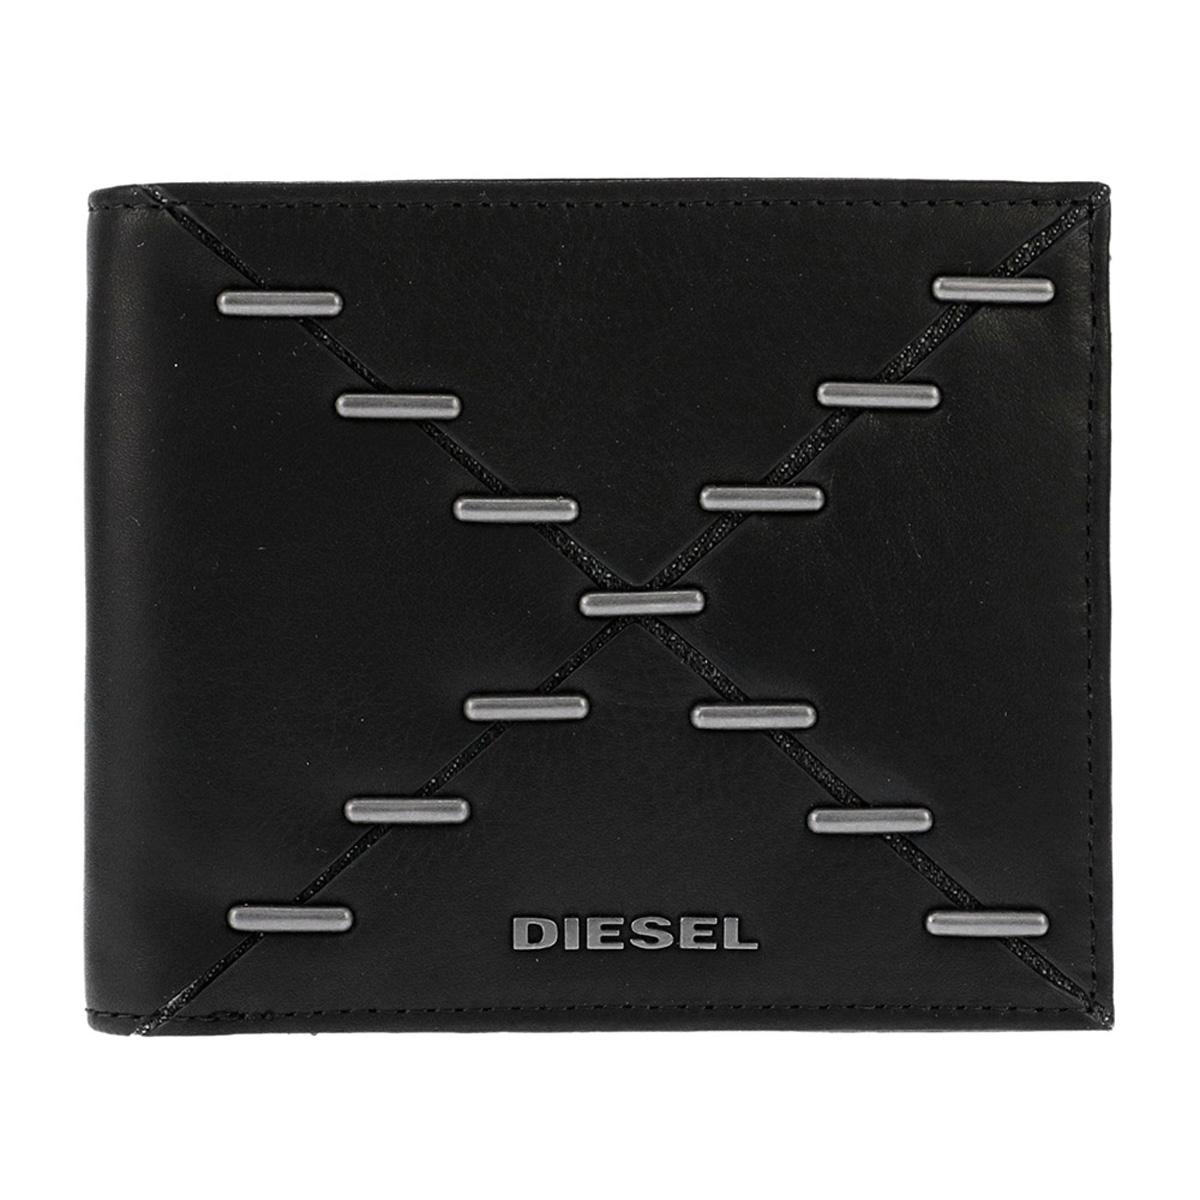 ディーゼル DIESEL 財布 X04121 PS778 H1669 小銭入れ無し 二つ折り財布 BLACK ブラック